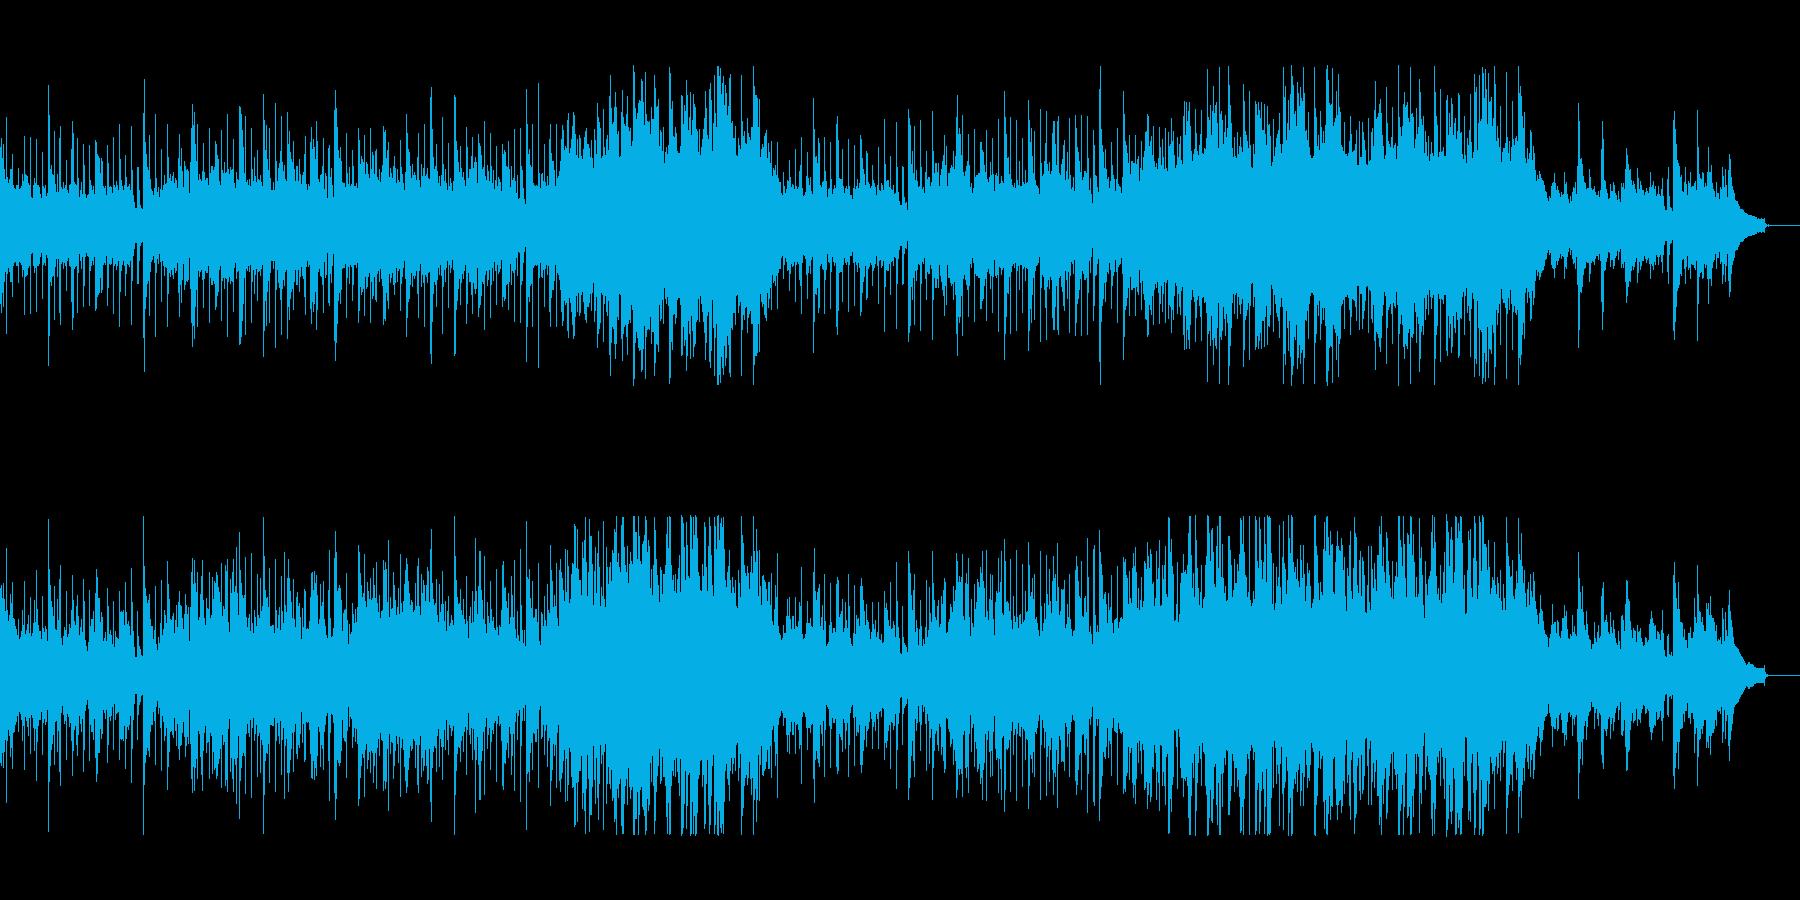 優しい風の再生済みの波形